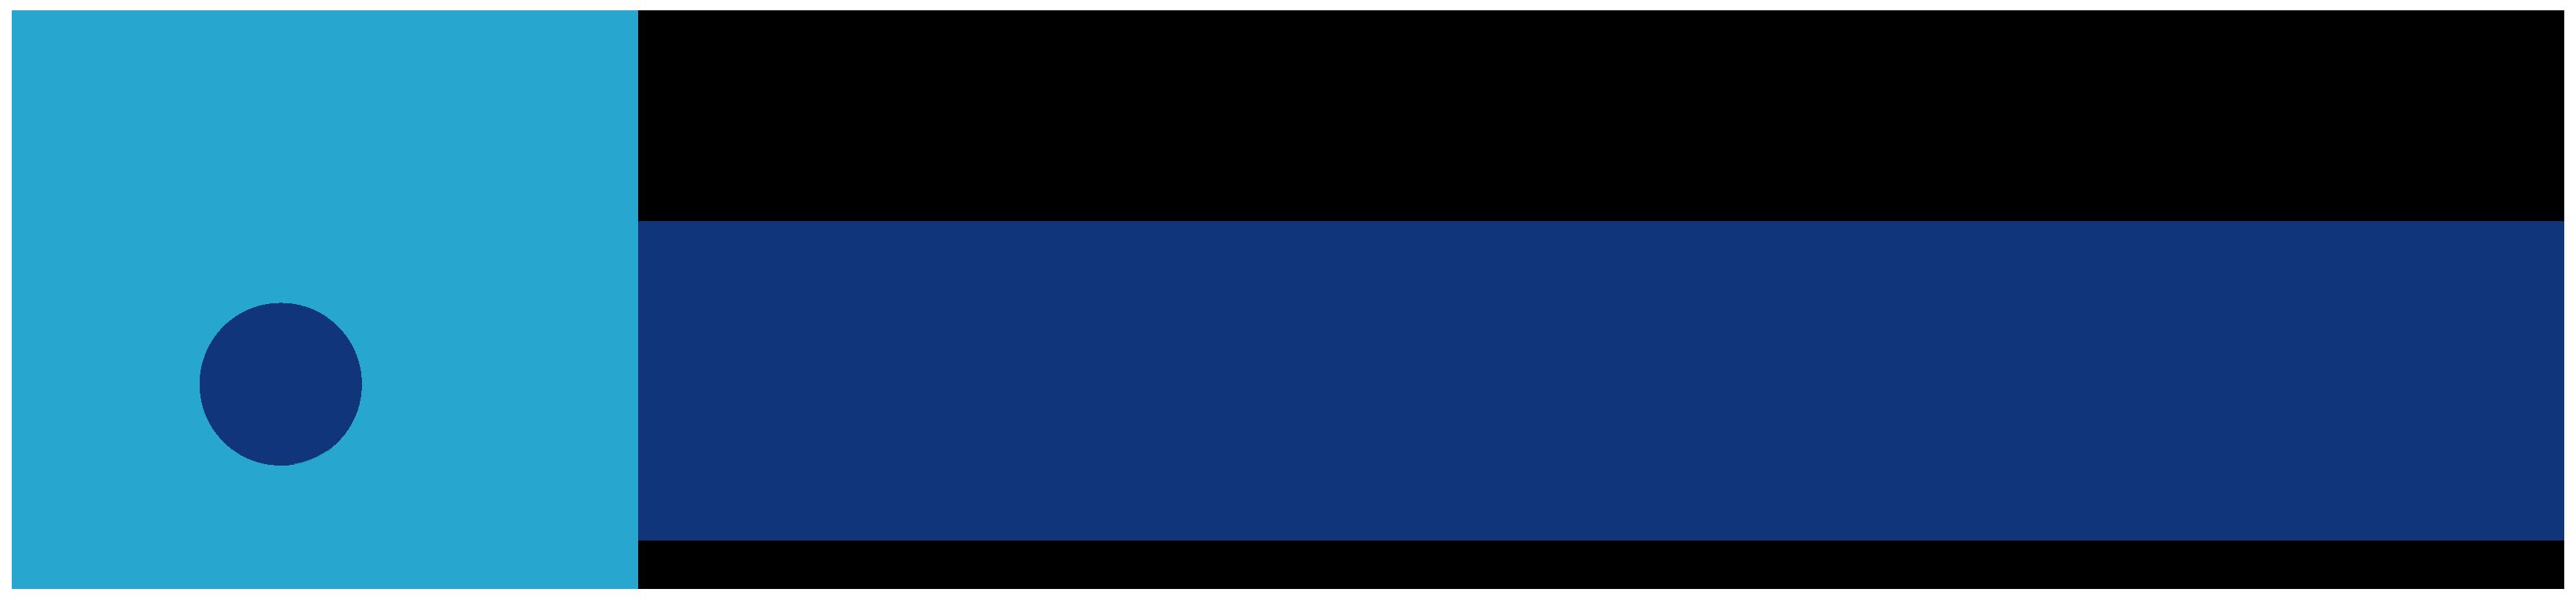 ChangeQuest - Gestão de mudanças